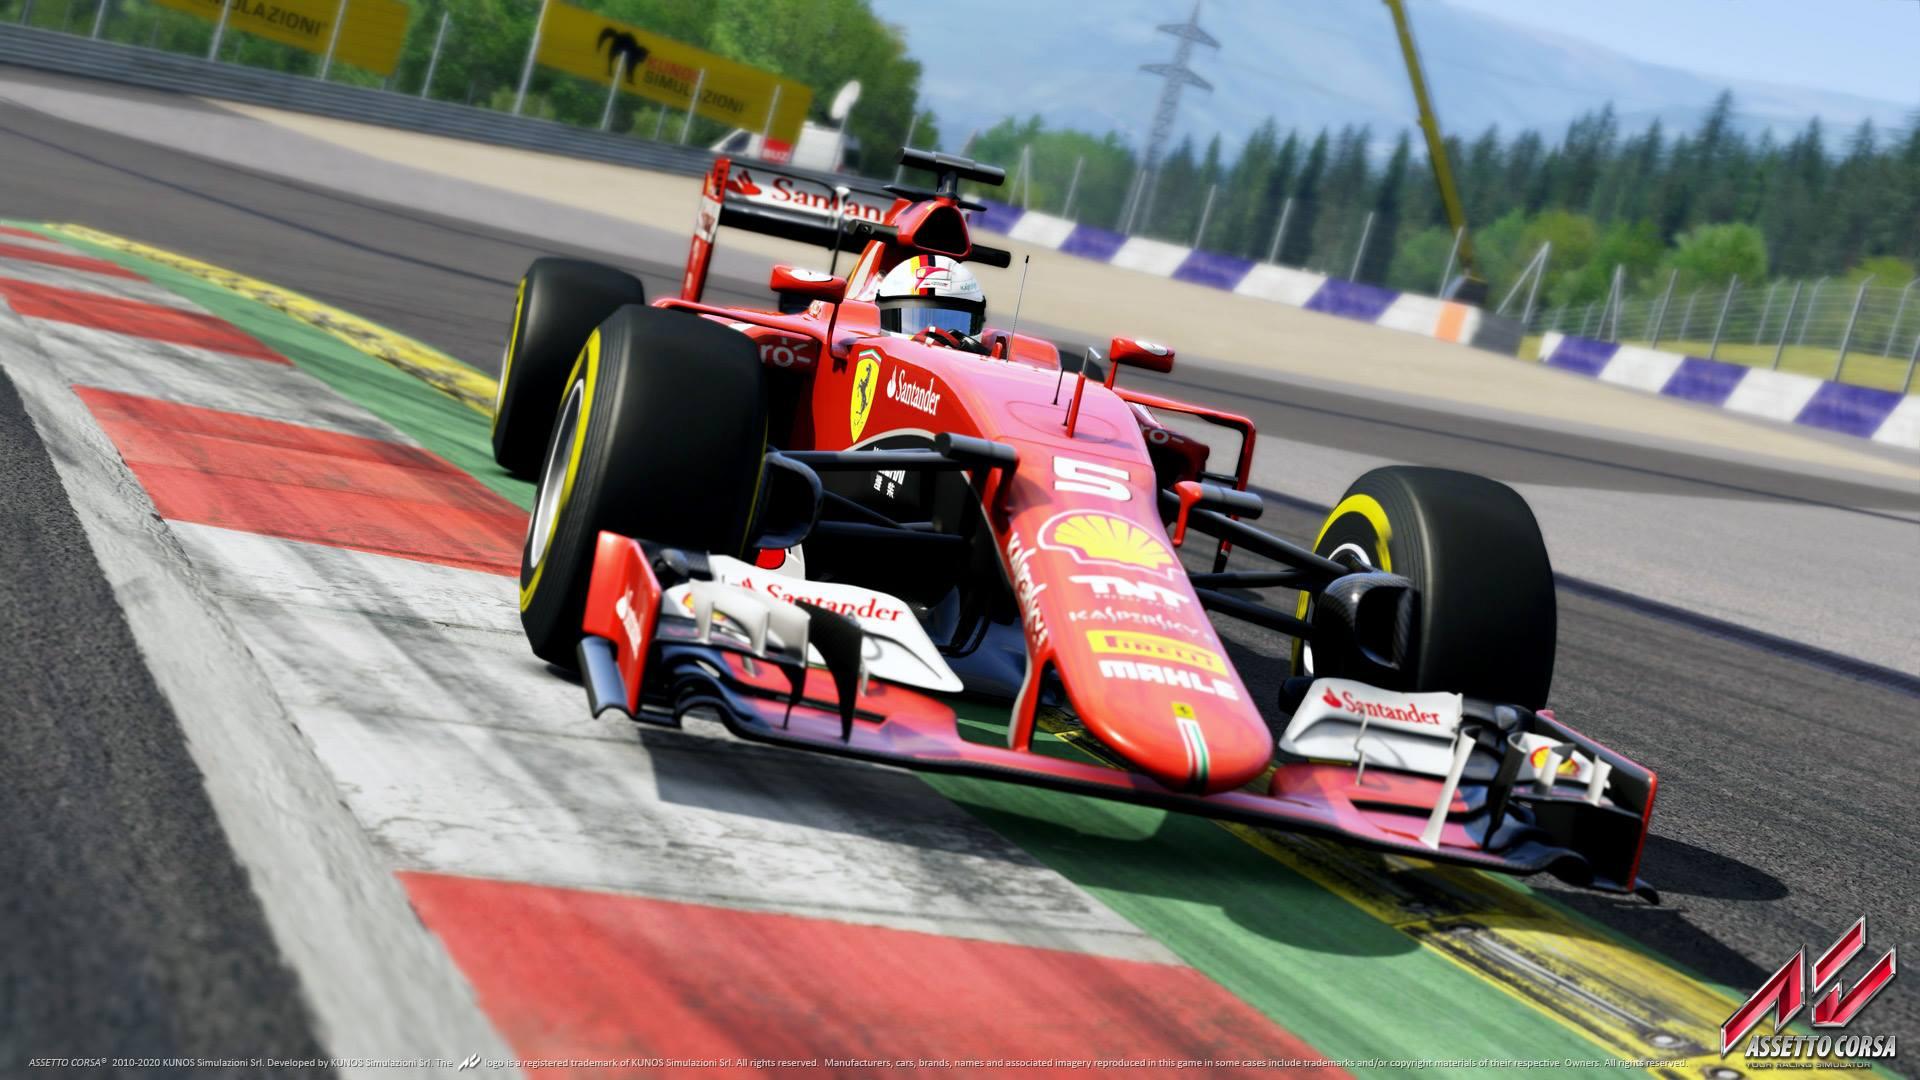 Ferrari_Guide5.jpg